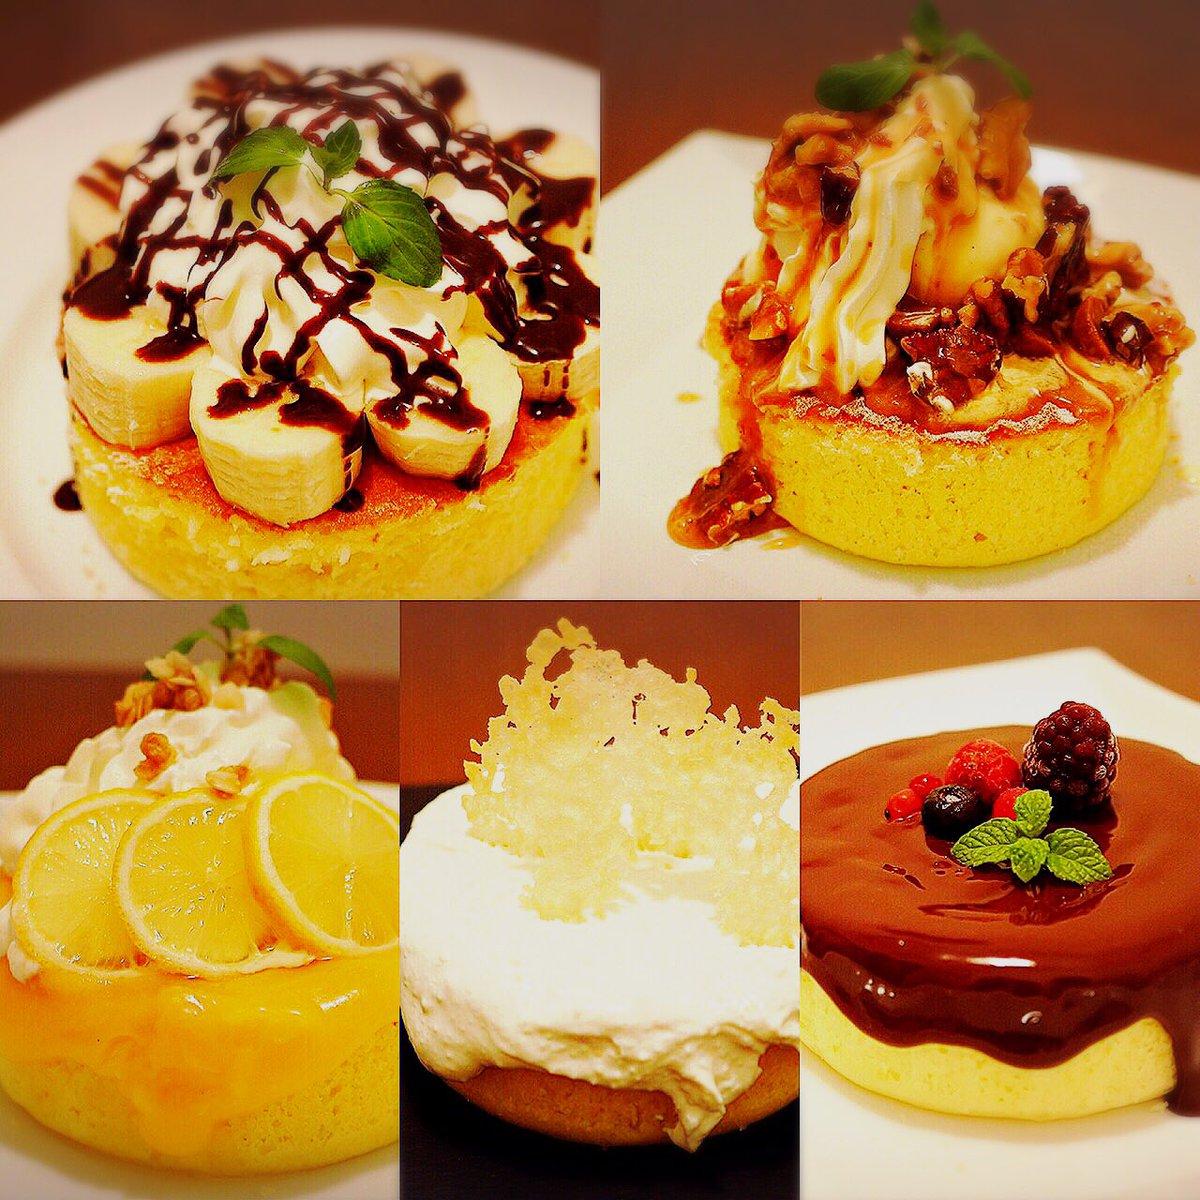 ラクエの大人気スペシャルパンケーキ! 新しいメニューが仲間入りです。 その数なんと10種類!  本日のディナータイムよりスタート。新しいパンケーキを食べて楽しい笑顔のひと時を  皆様のお越しをお待ちしております。